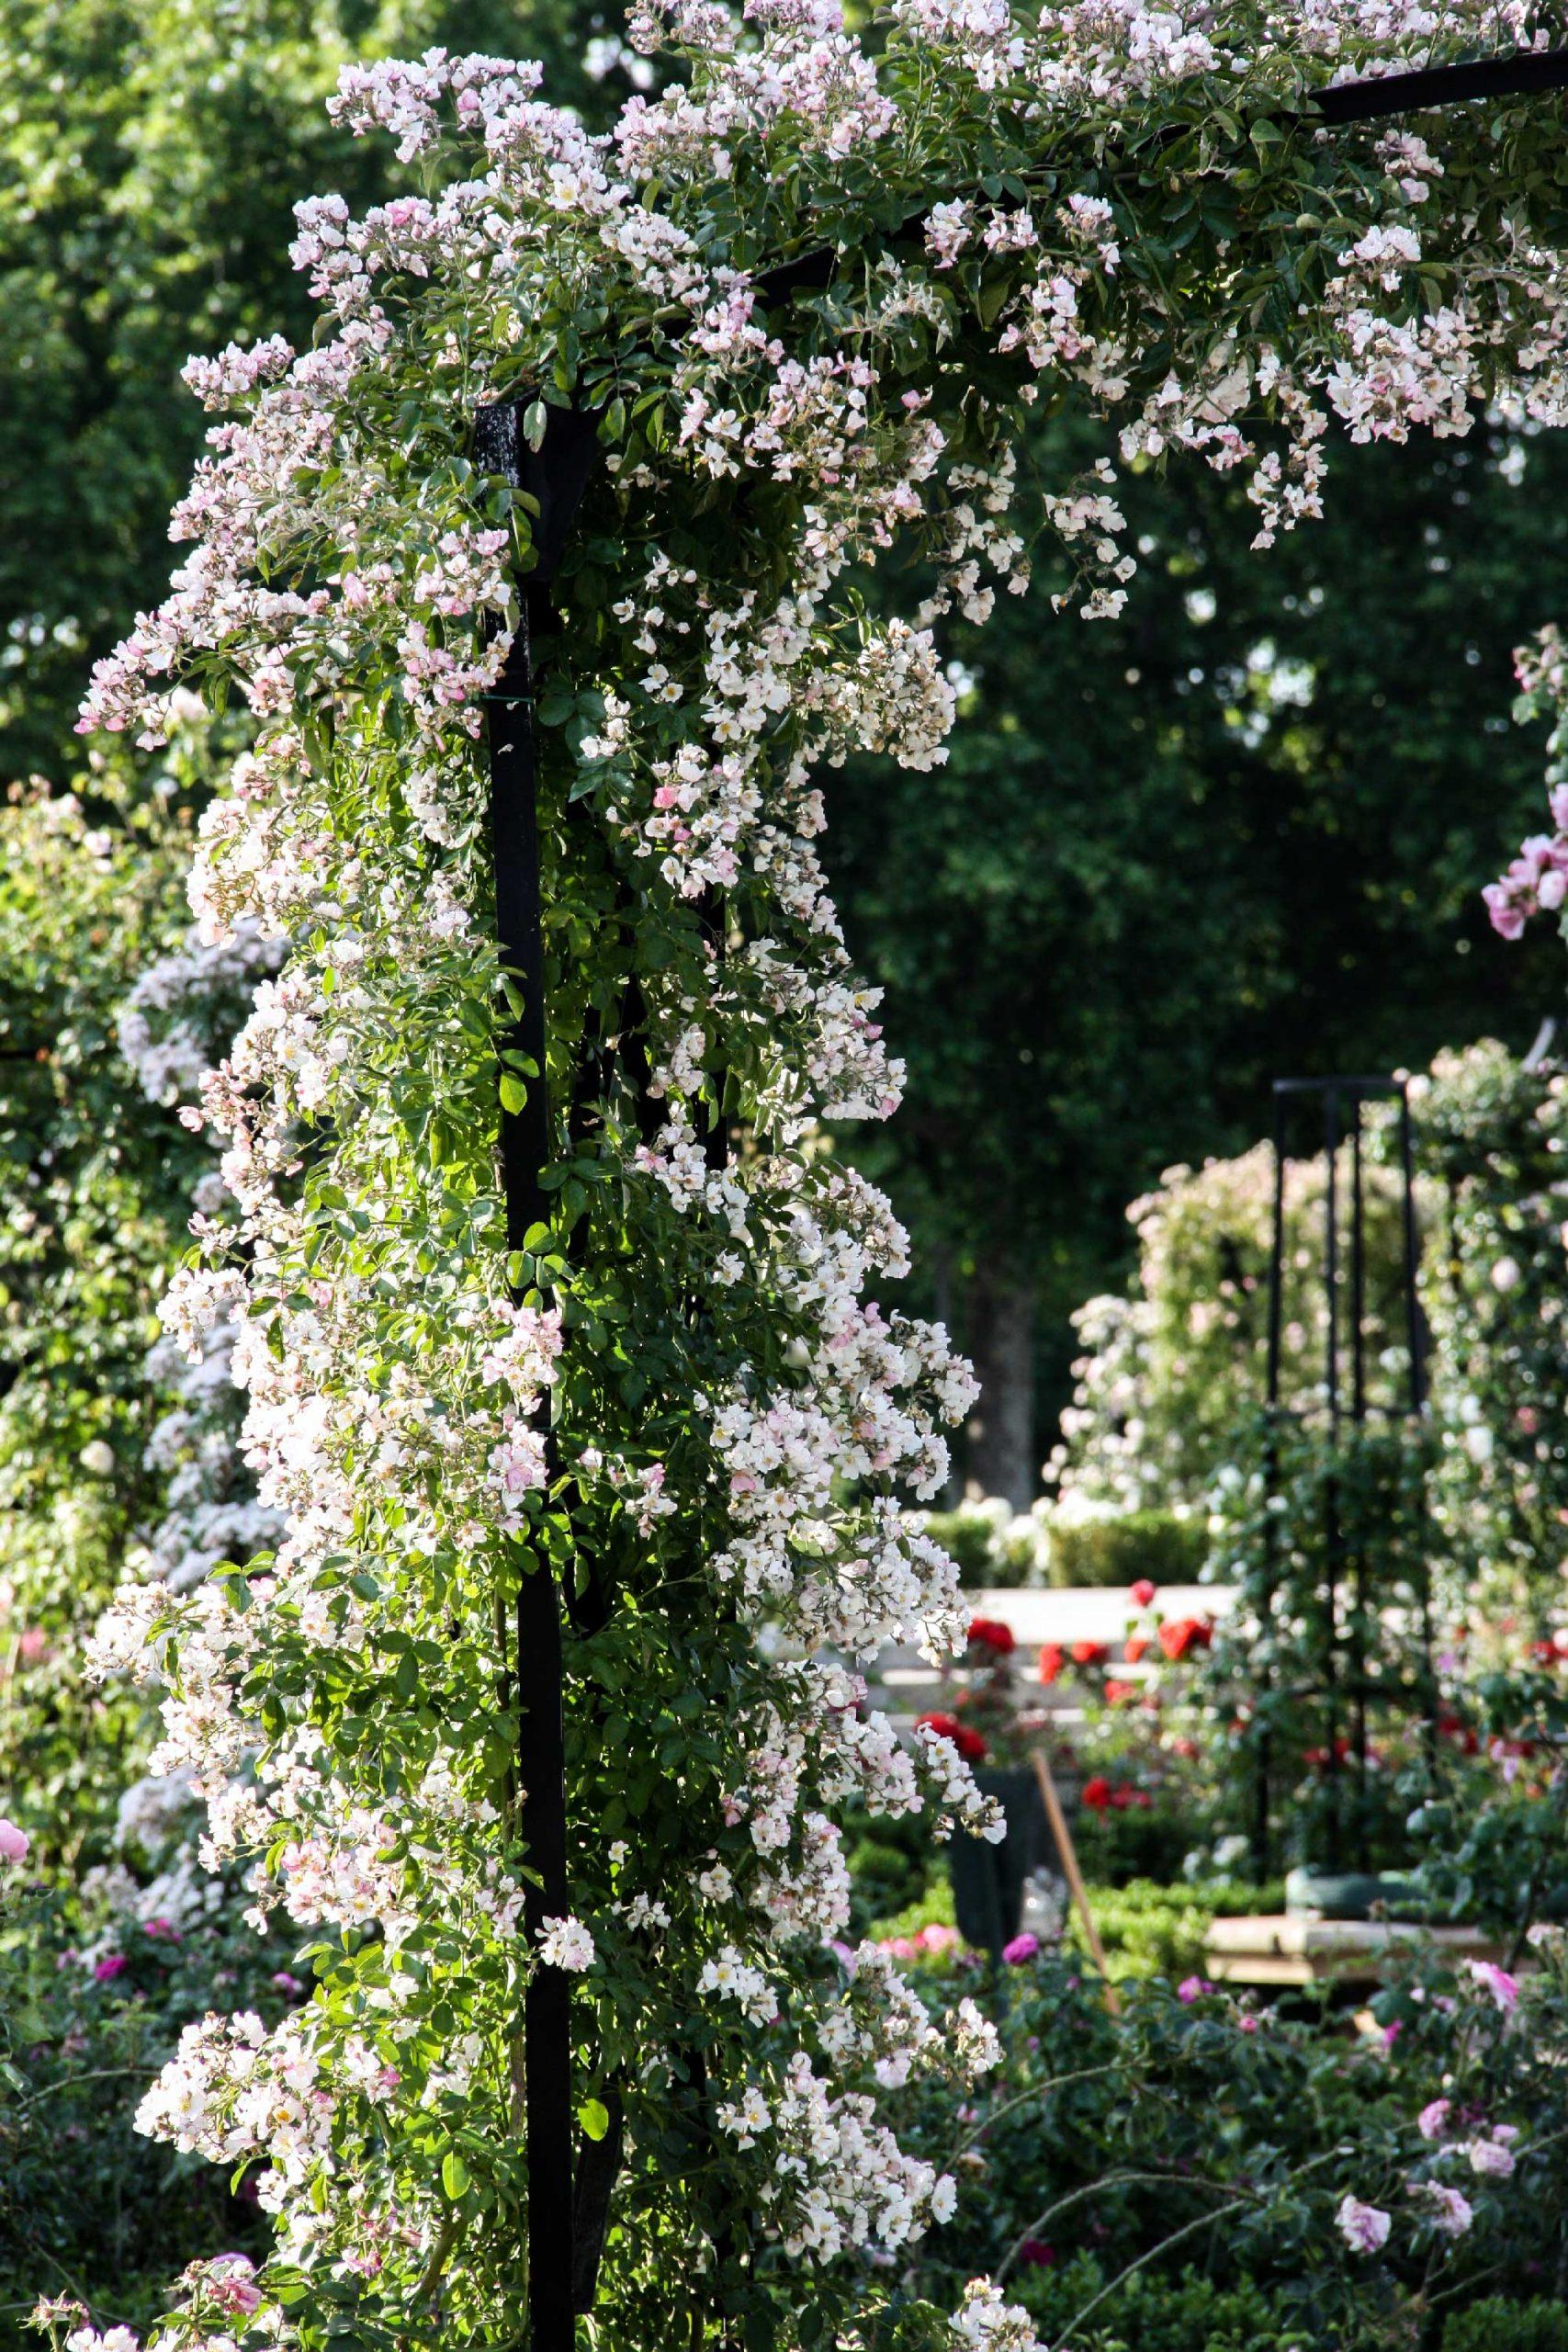 7 Idées Géniales D'aménagement De Jardin Et De Terrasse ... encequiconcerne Idée D Aménagement De Jardin